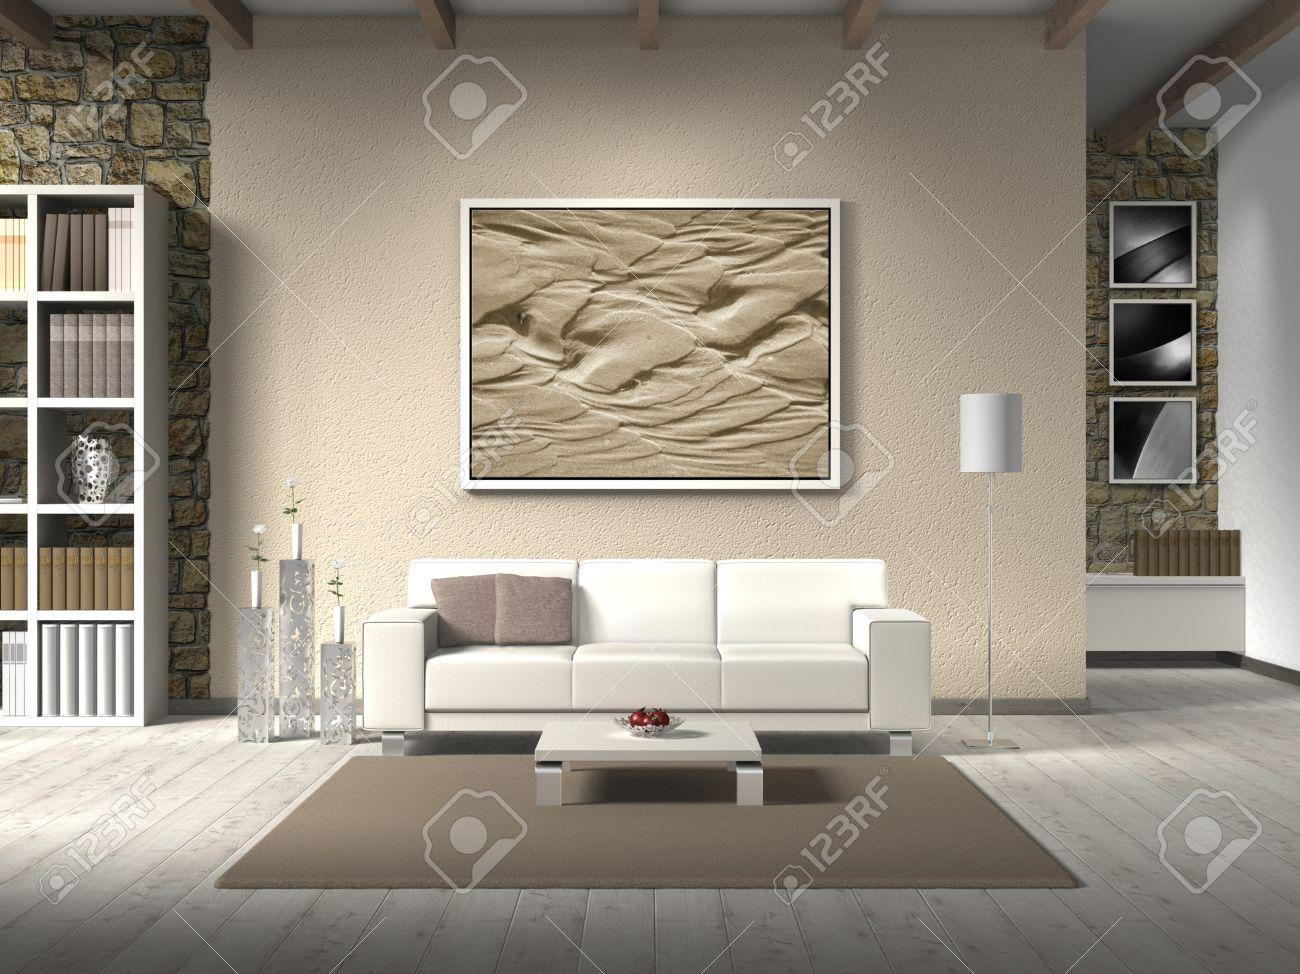 FICTIEF Landelijke Stijl Woonkamer Met Witte Sofa, De Foto Achter ...